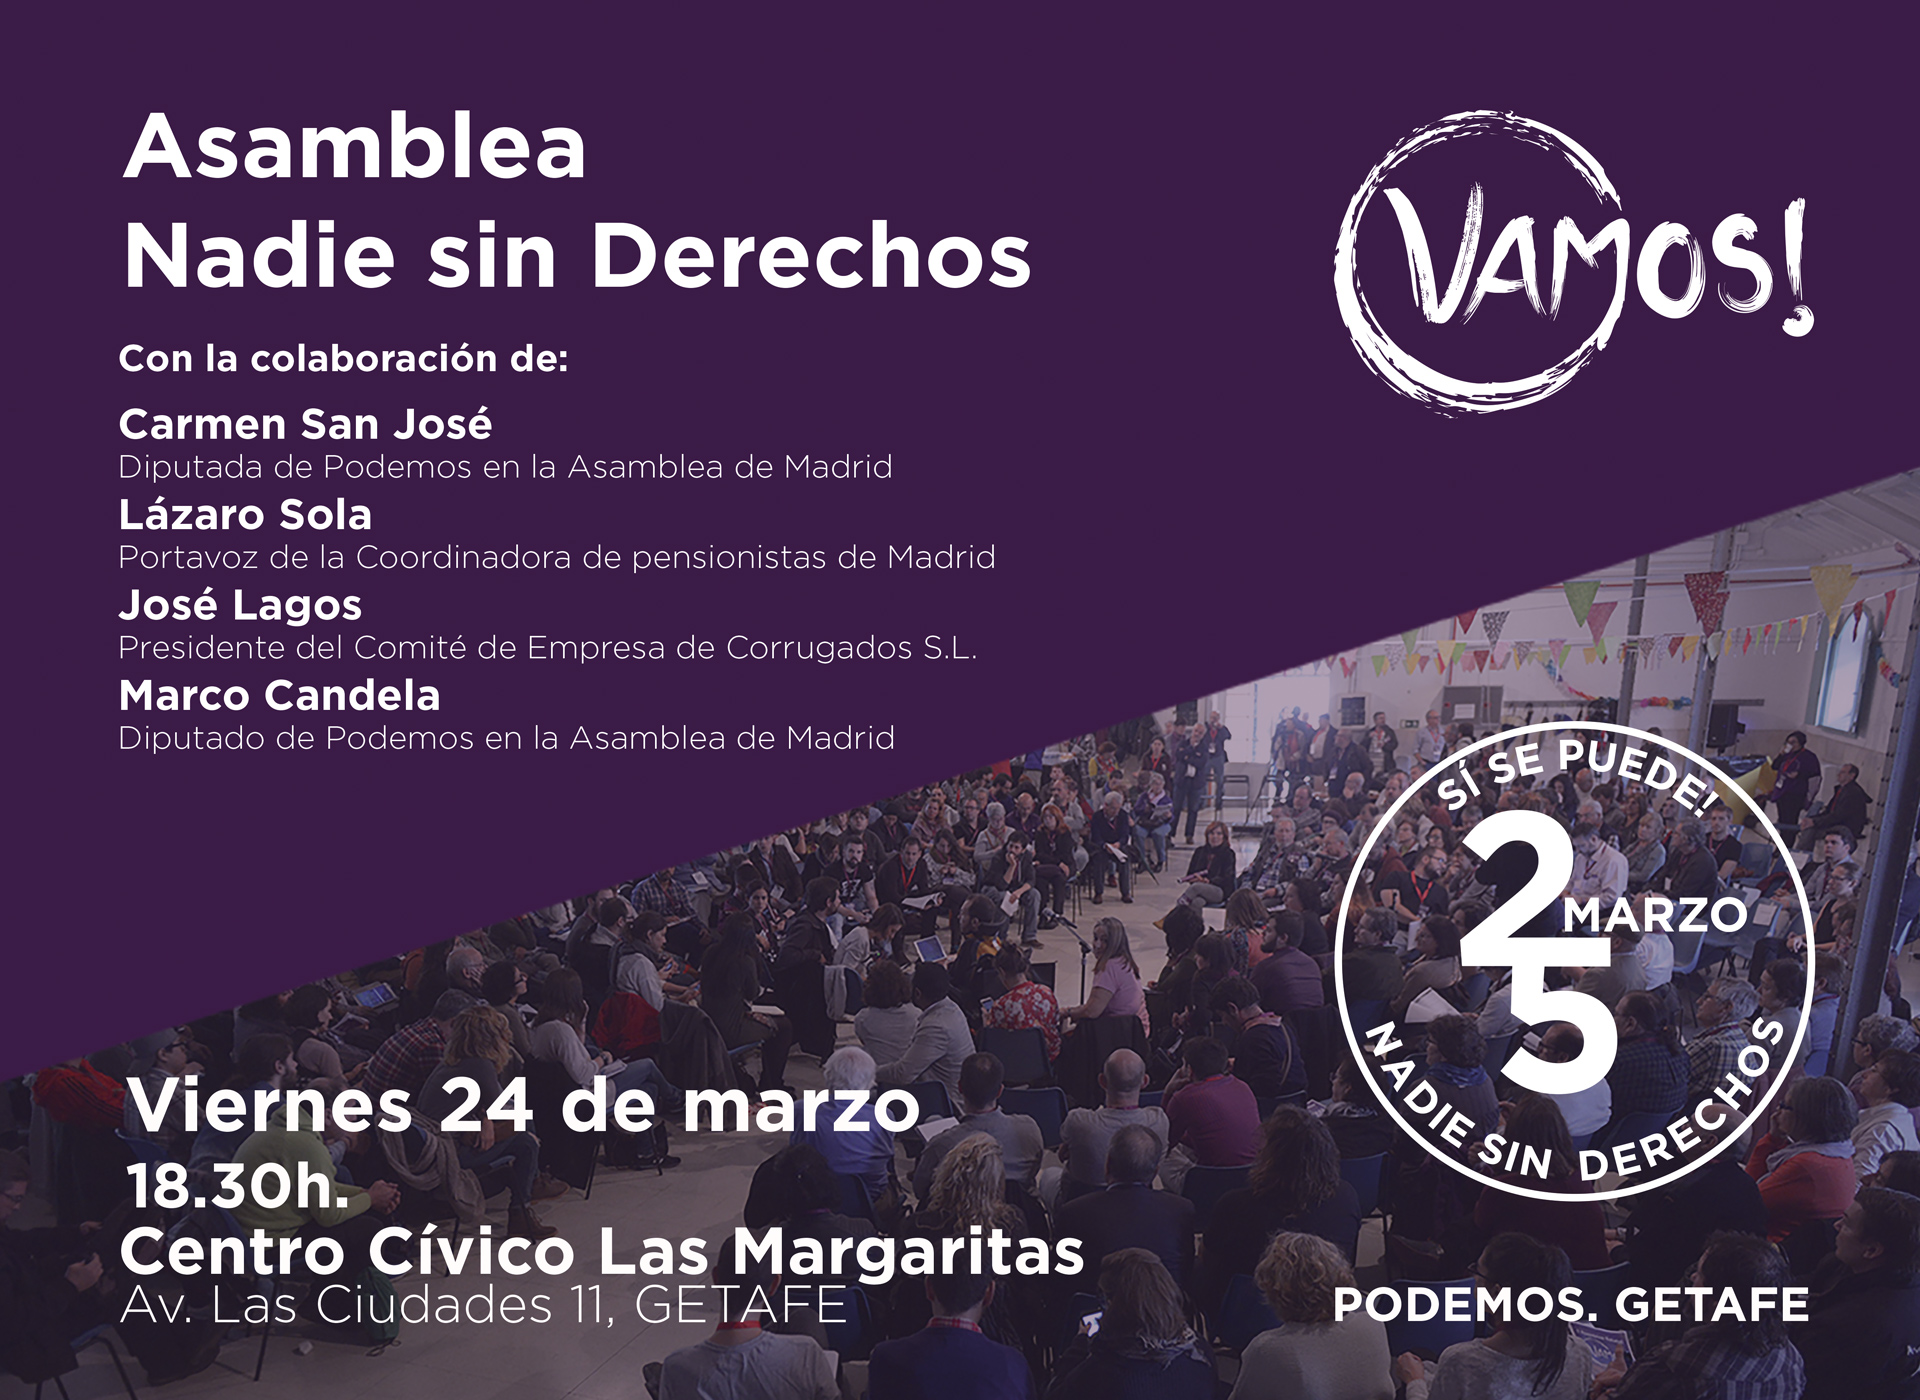 """24 marzo: Asamblea """"Nadie sin derechos"""", organizada por Vamos! Getafe"""